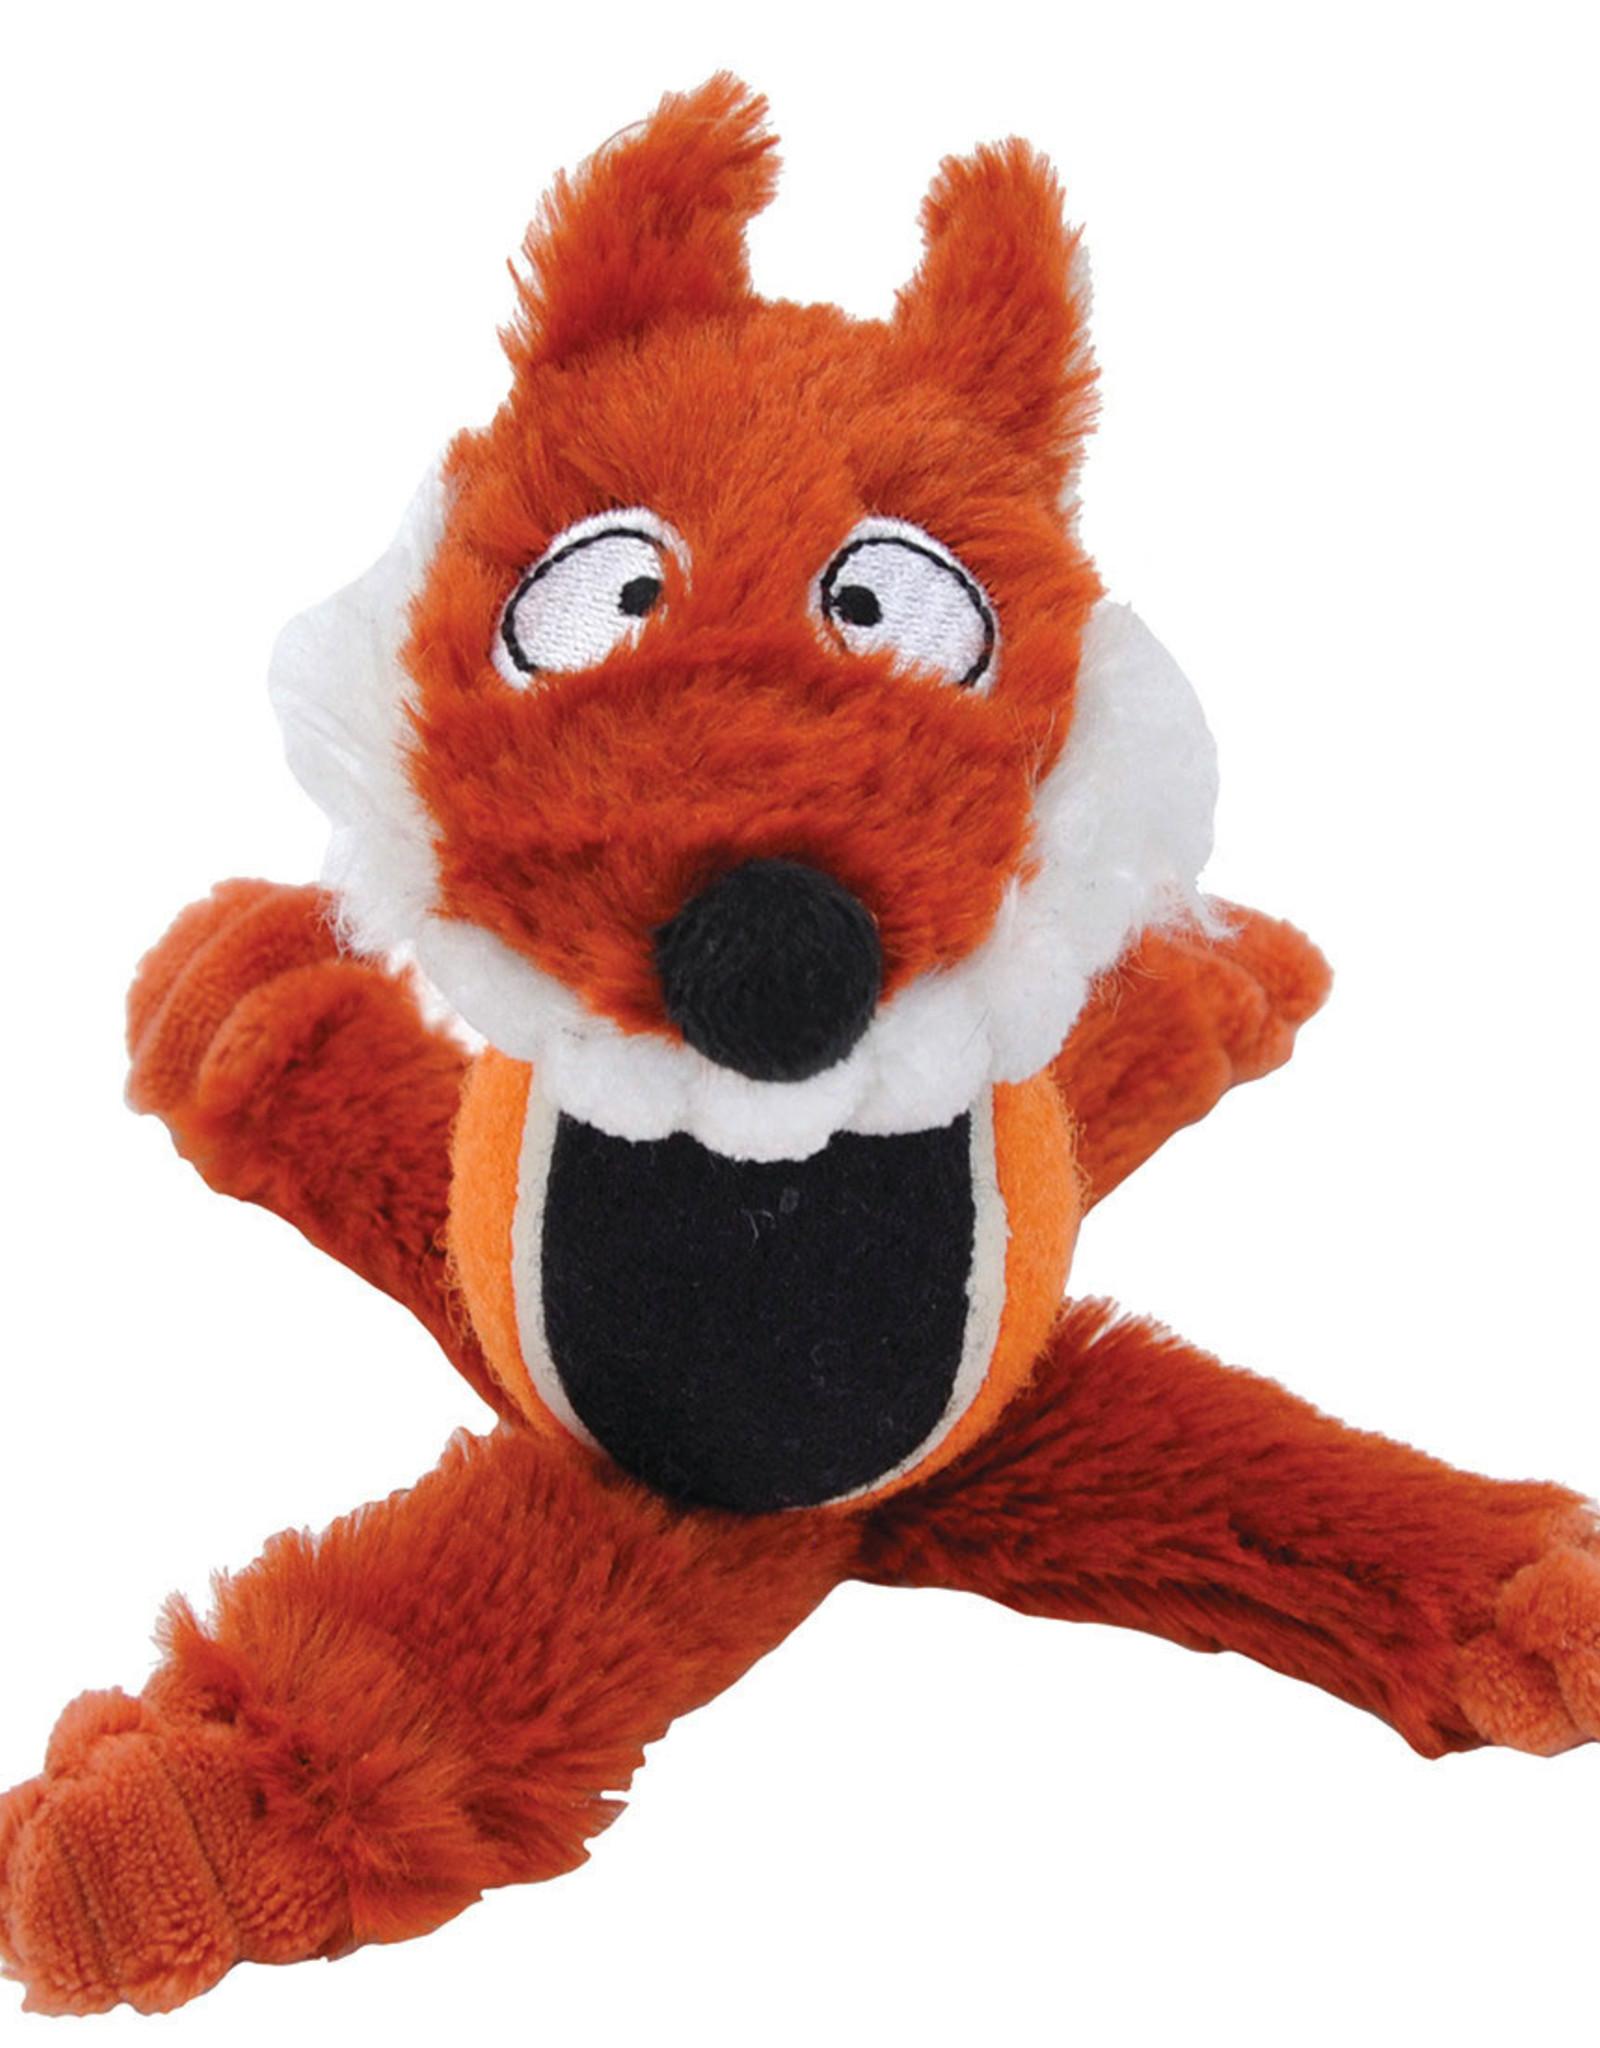 COASTAL PET PRODUCTS INC DOG TOY CSTL LI'L PALS PLUSH FOX W/TENNIS BALL